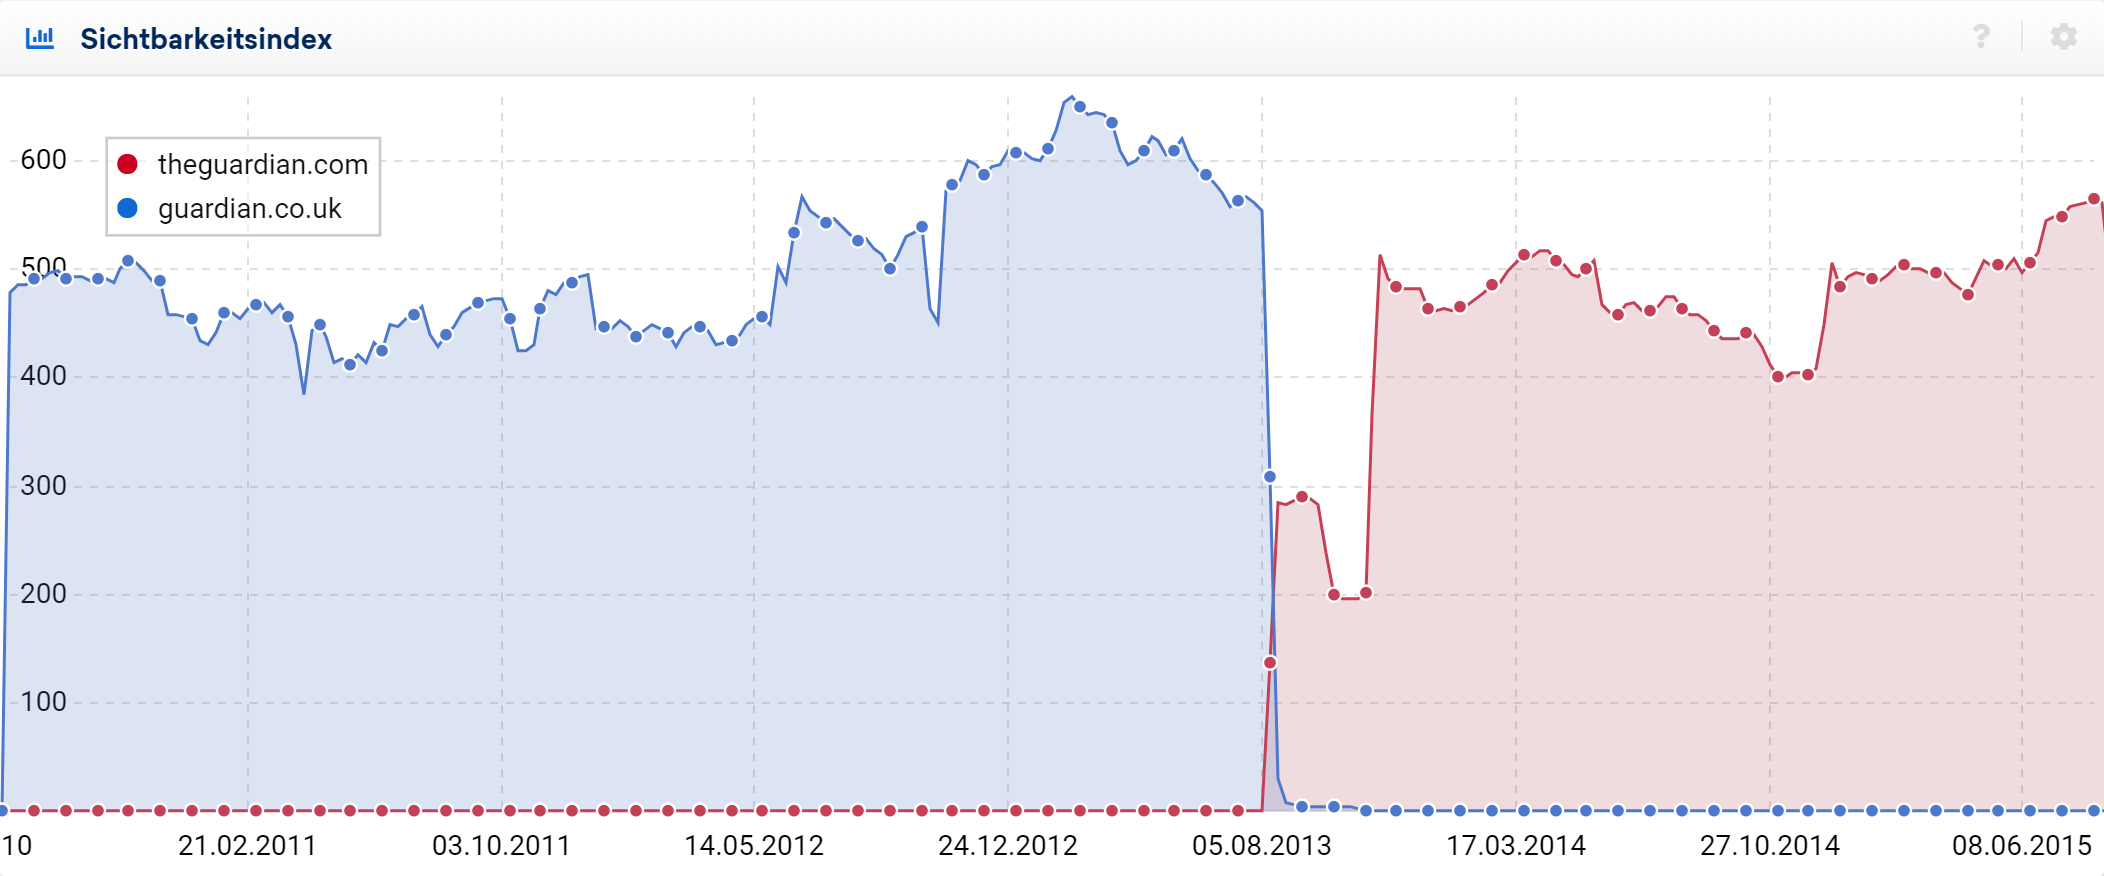 Vergleich des Sichtbarkeitsindex von theguardian.com mit guardian.co.uk in Google-UK